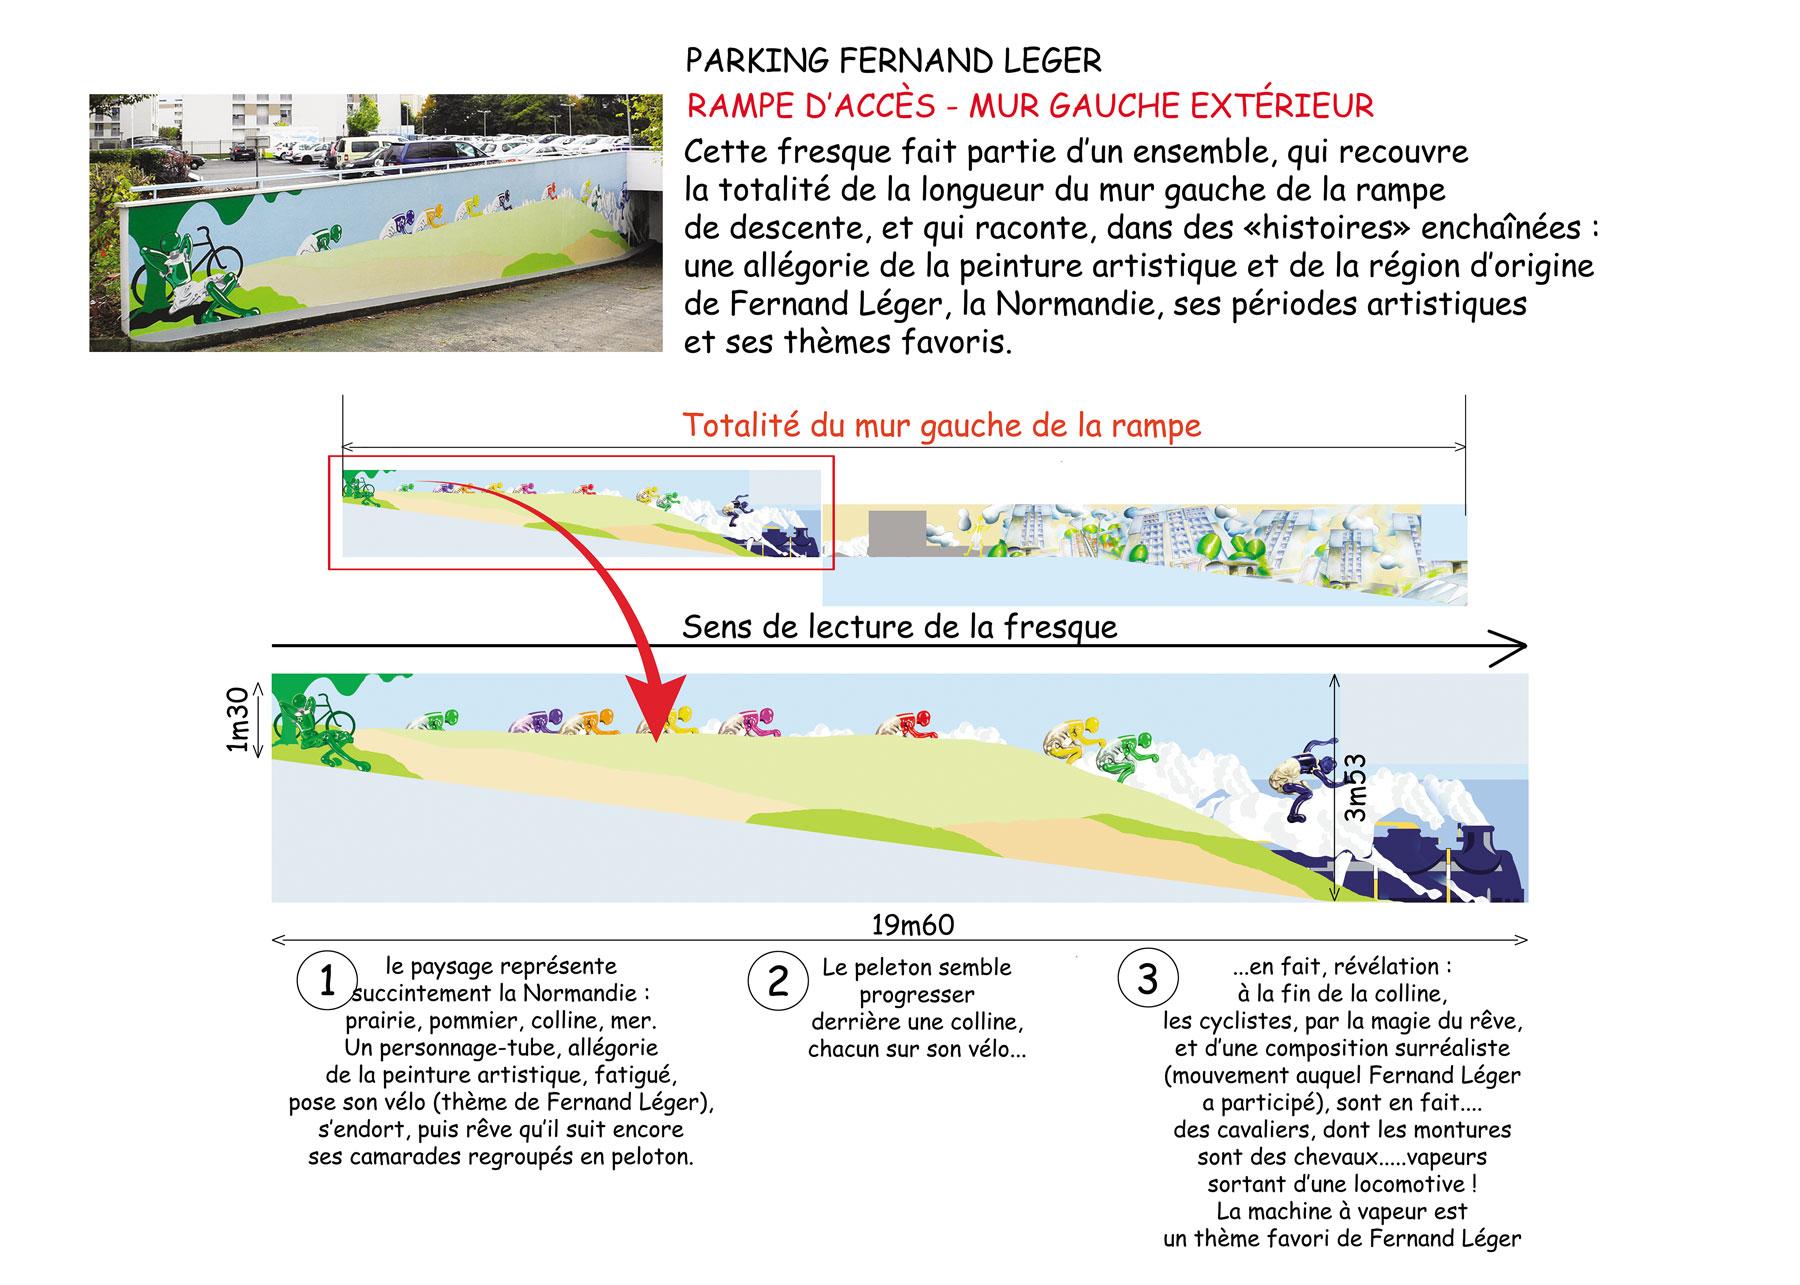 4-RAMPE-FL-MUR-GAUCHE-EXTERIEUR